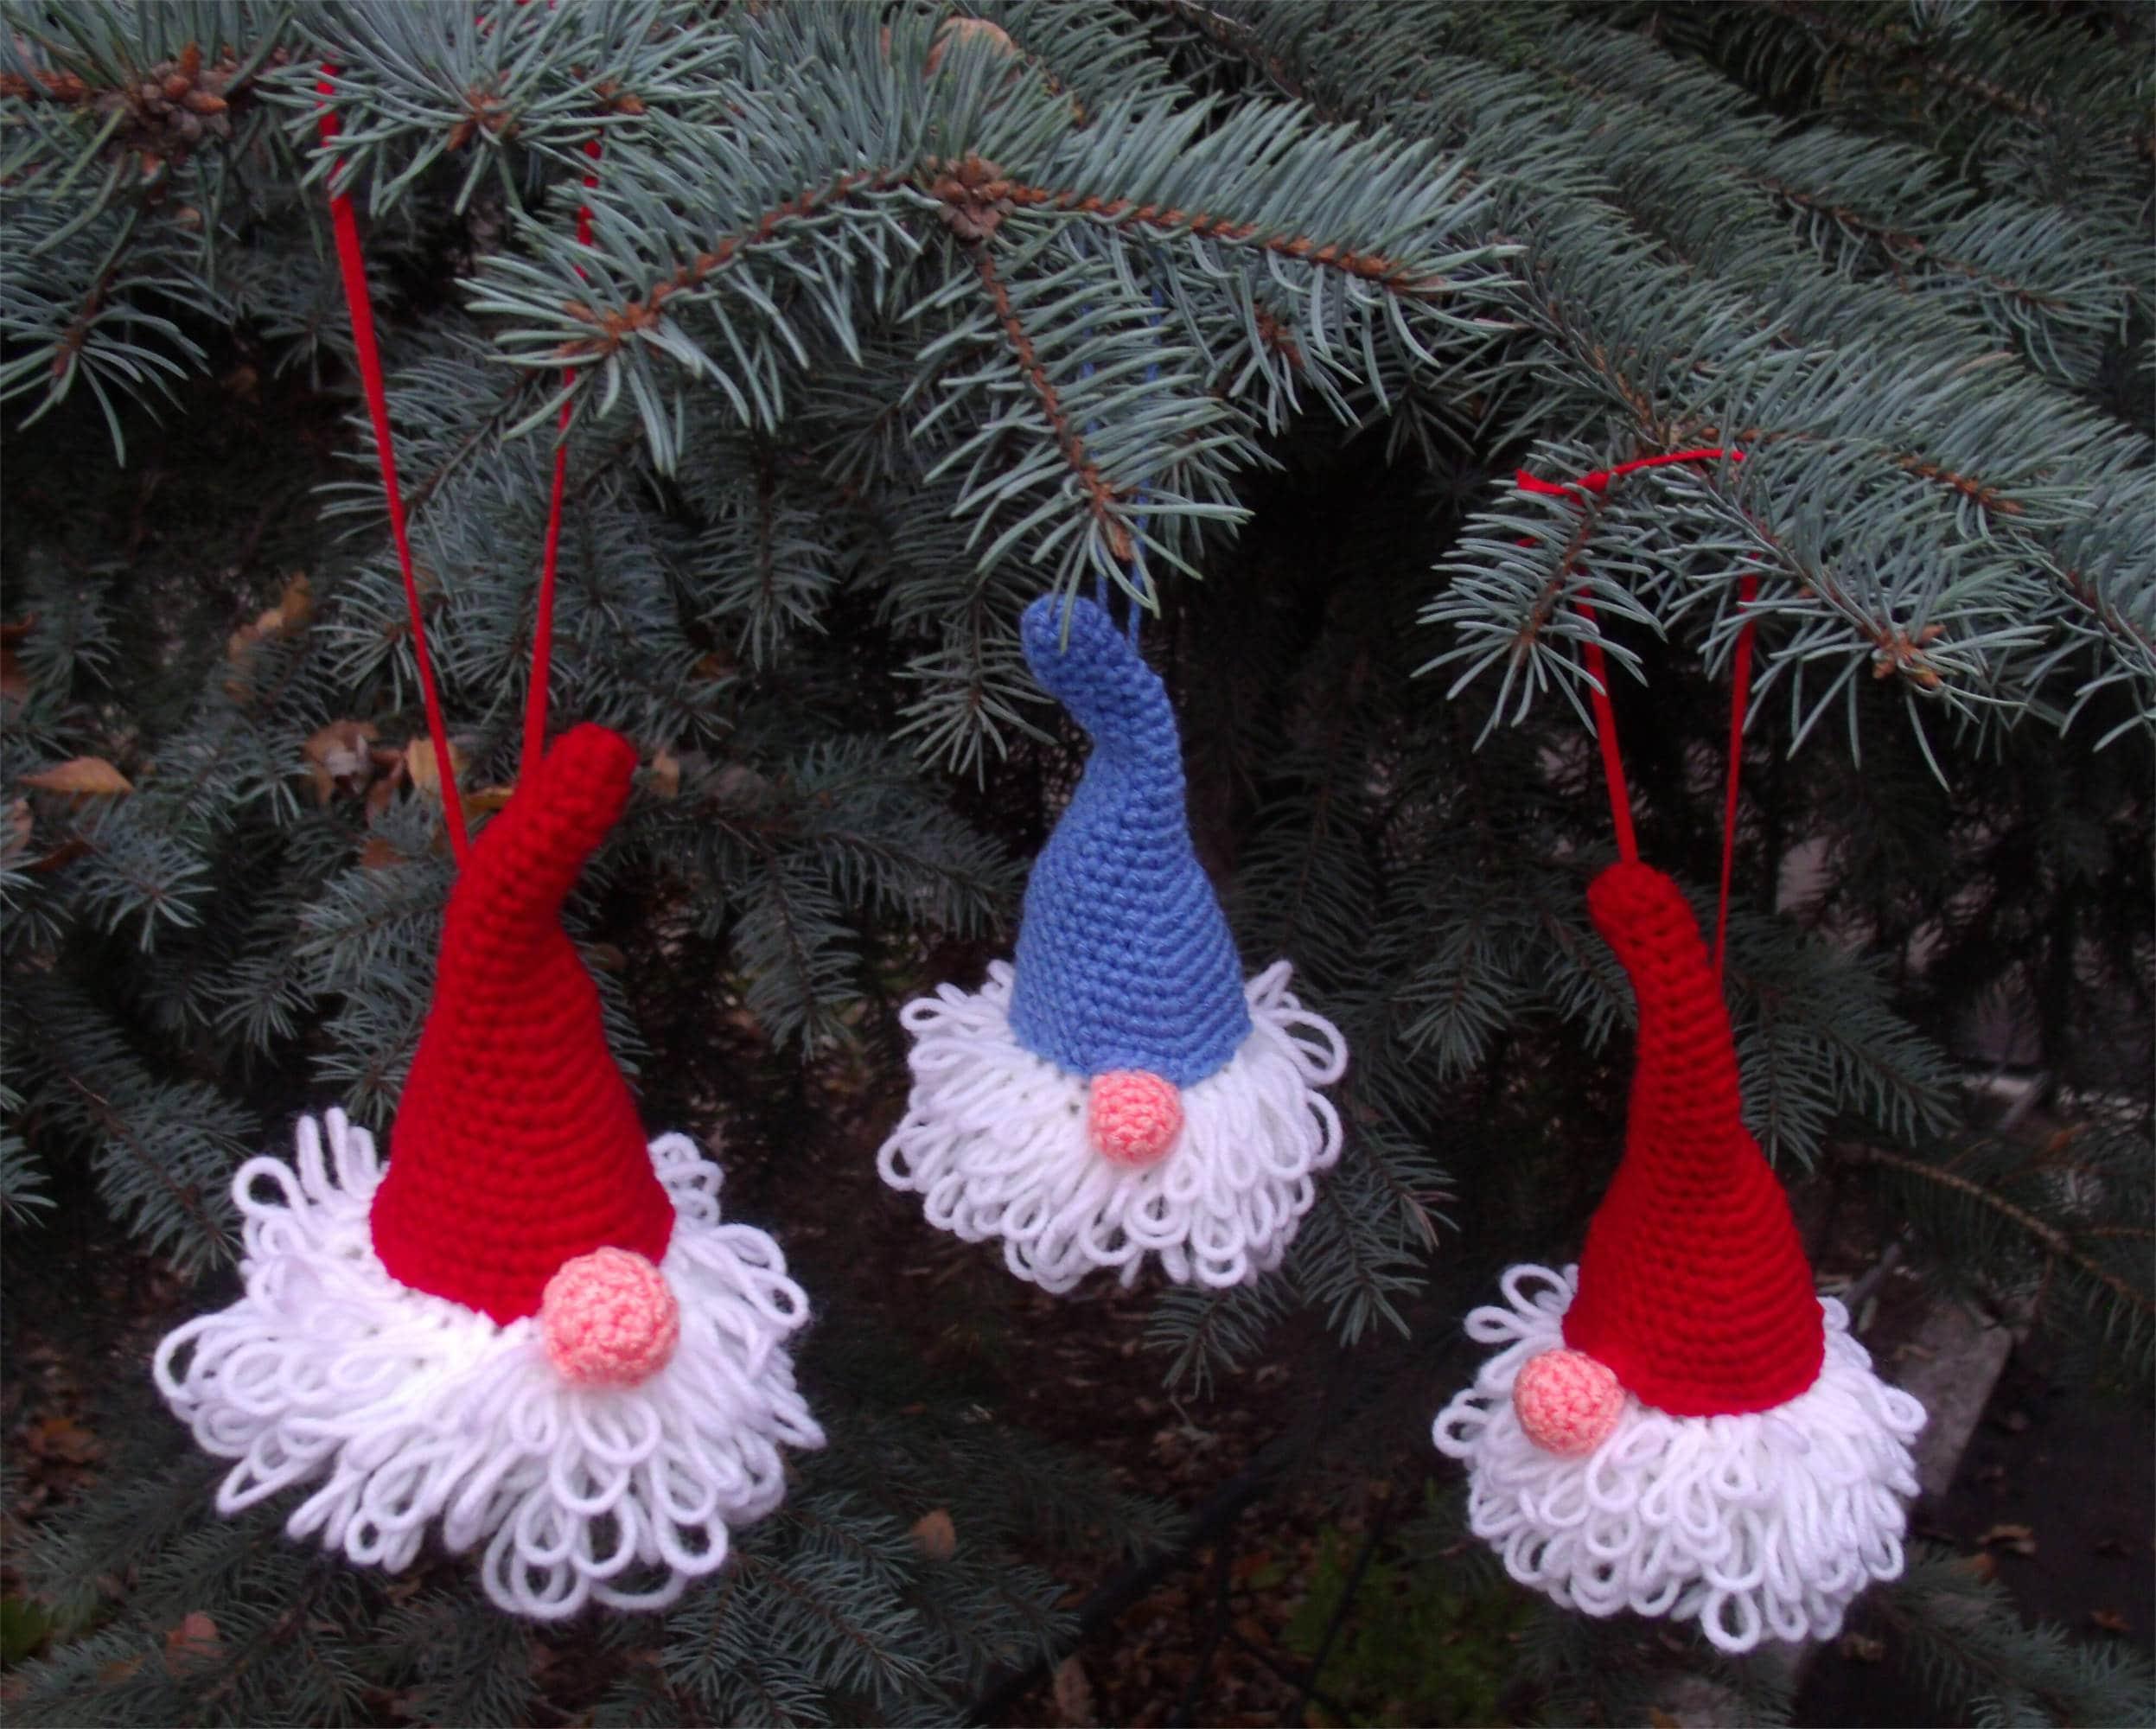 Häkeln Weihnachten Gnome Ornament norwegischen Weihnachten | Etsy